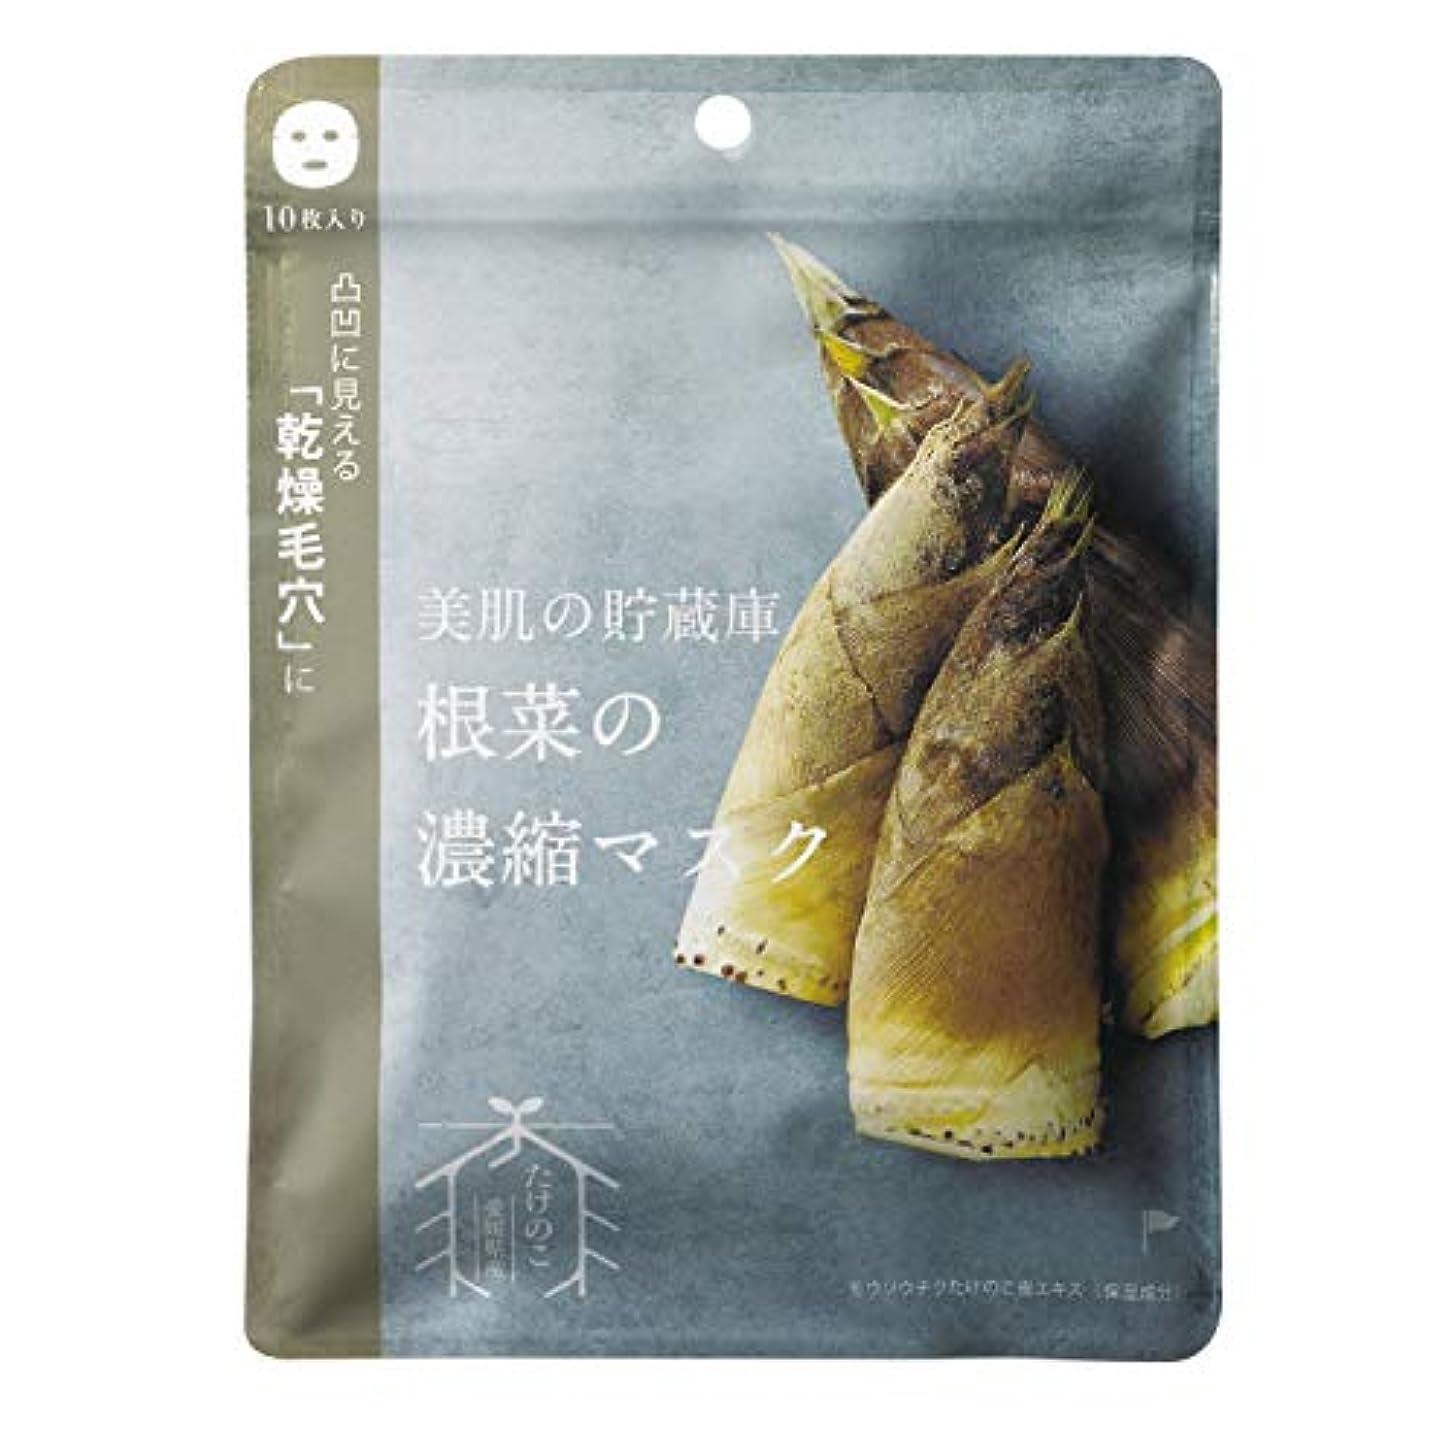 戻す古代誓約@cosme nippon 美肌の貯蔵庫 根菜の濃縮マスク 孟宗竹たけのこ 10枚 160ml